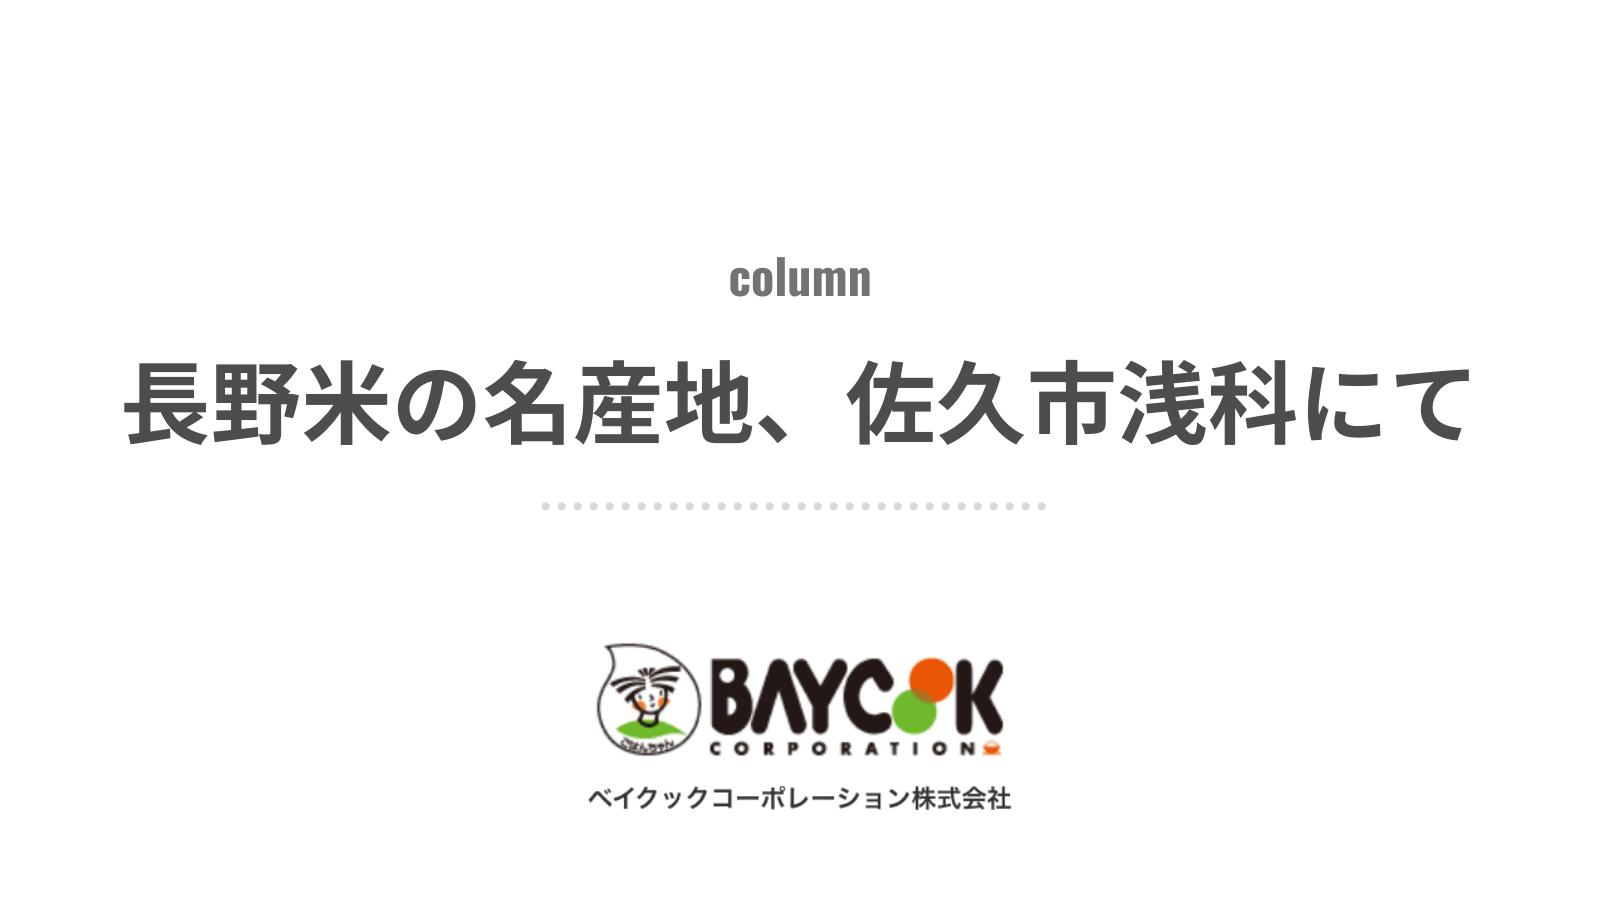 長野米の名産地、佐久市浅科にて。『五郎兵衞用水』の先人と新規就農した青年|ベイクックの長野米コラム